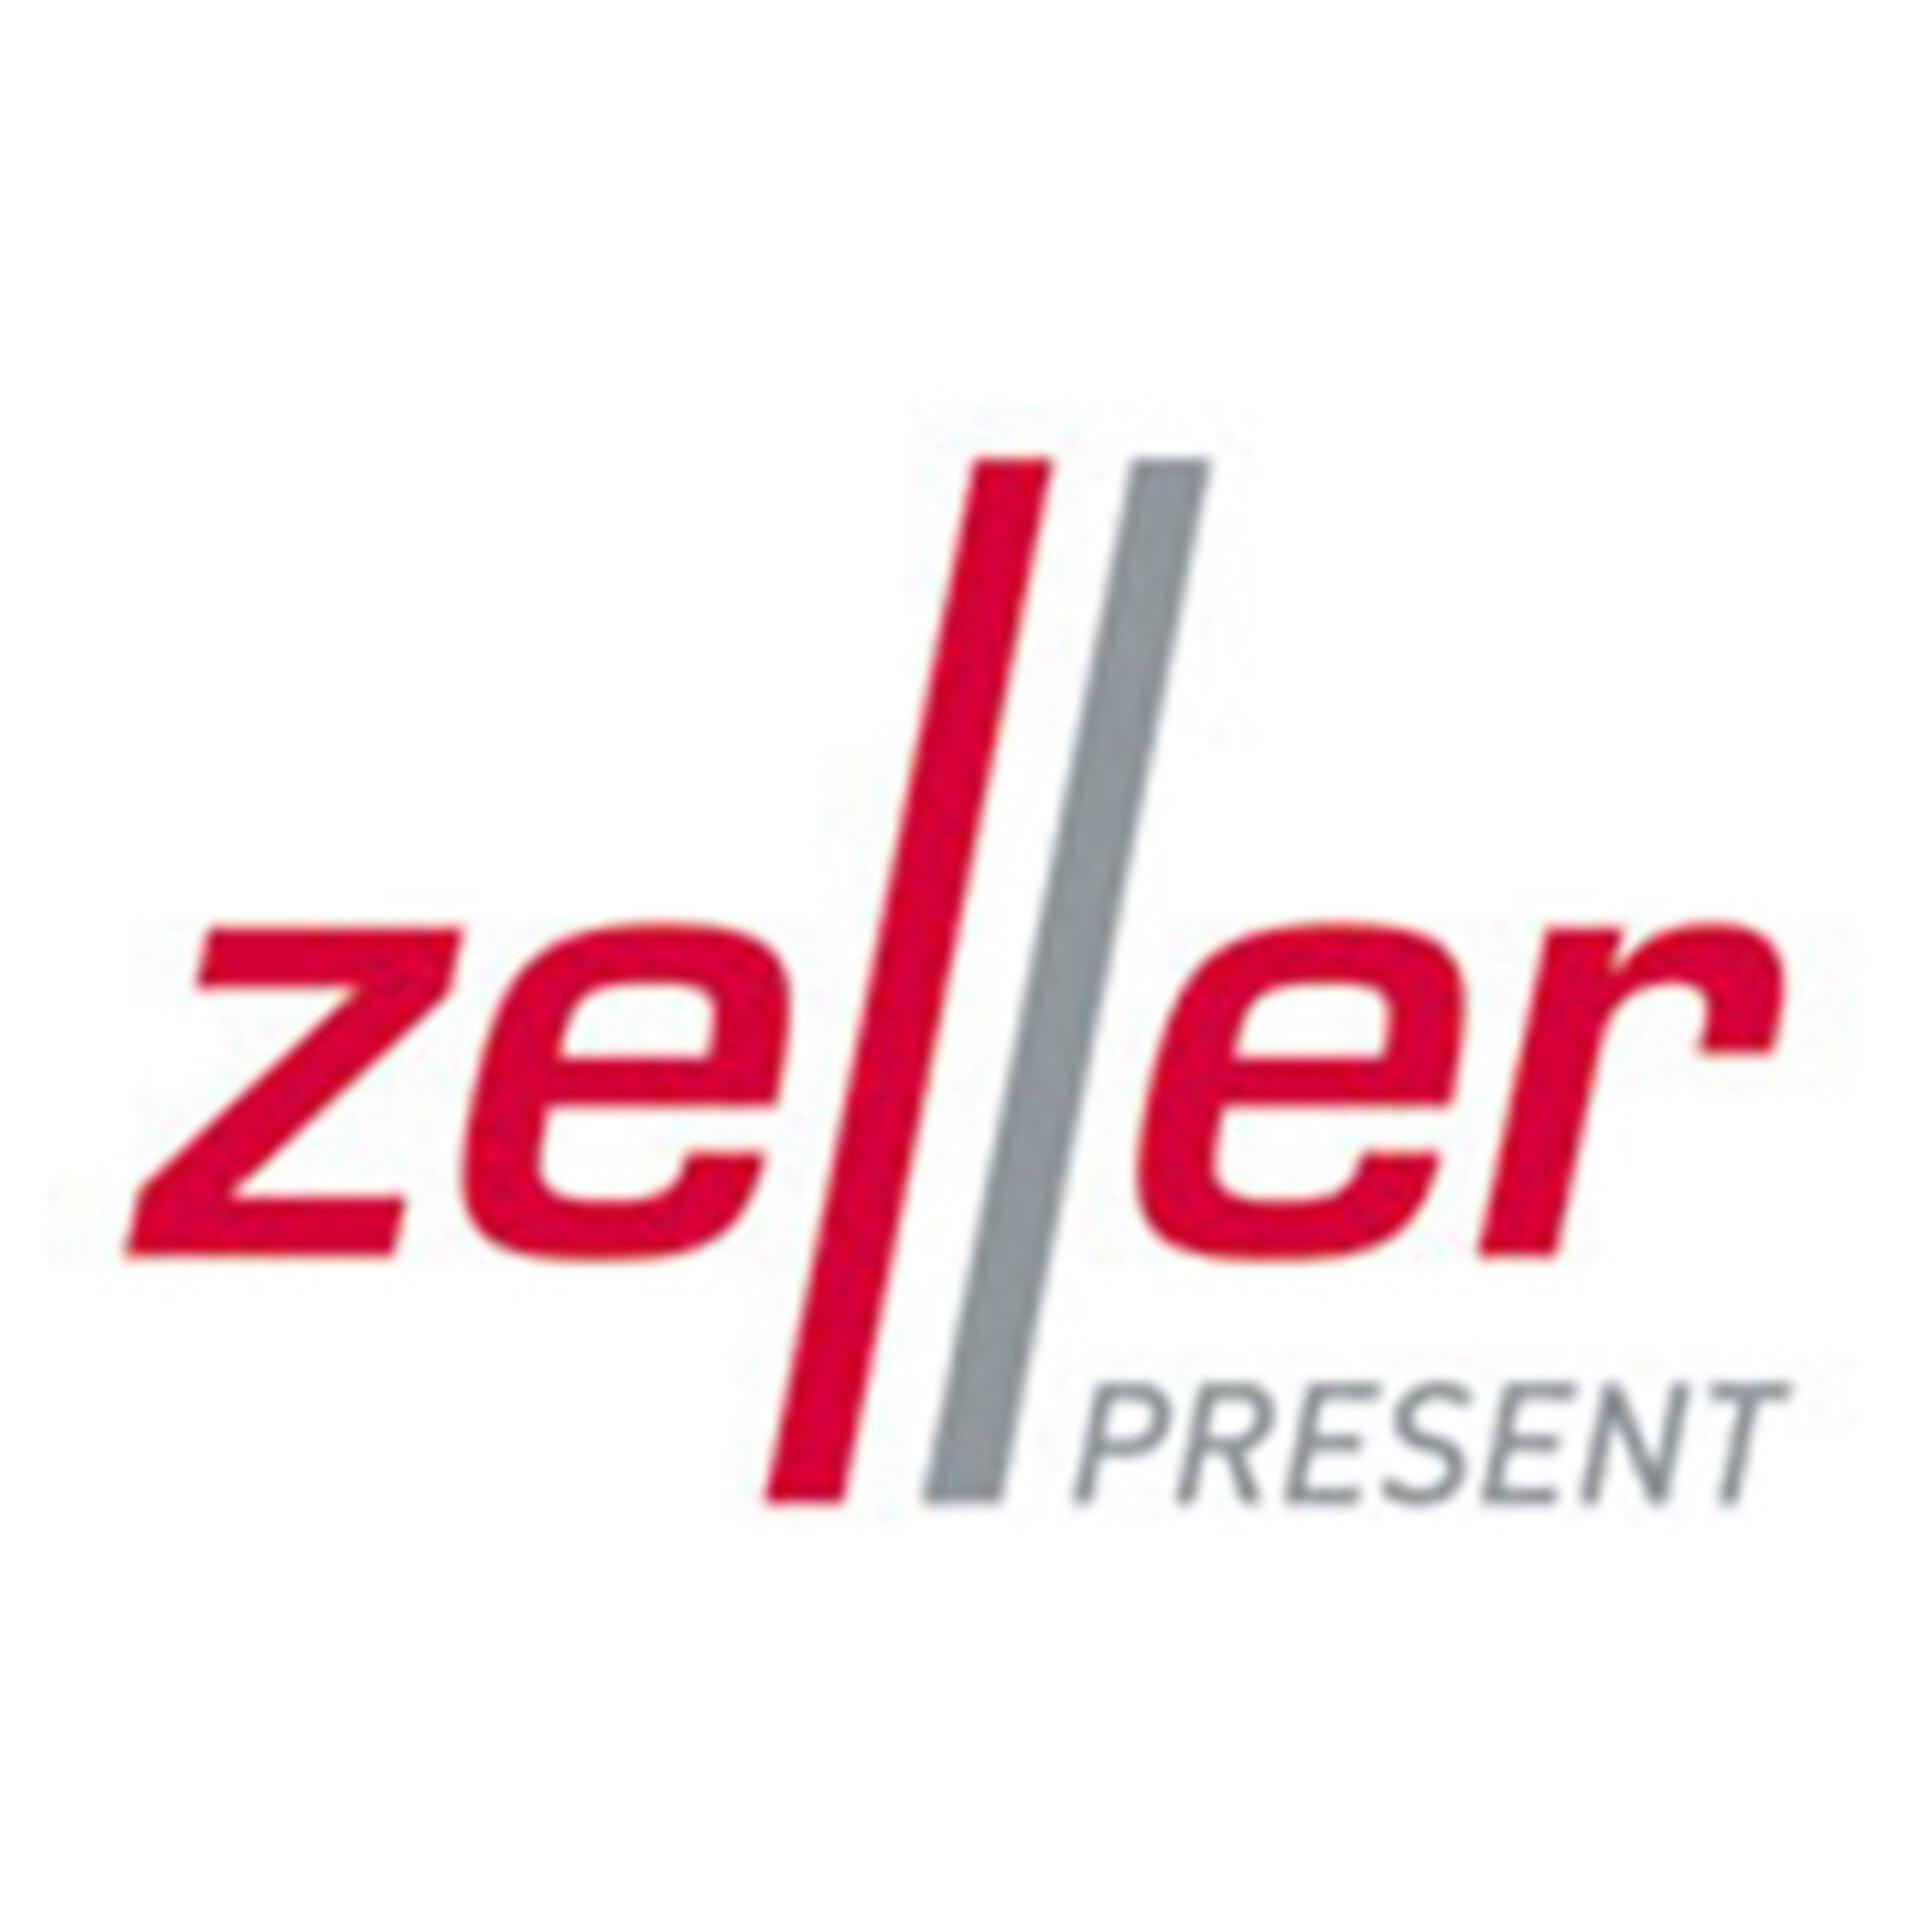 Zeller Present